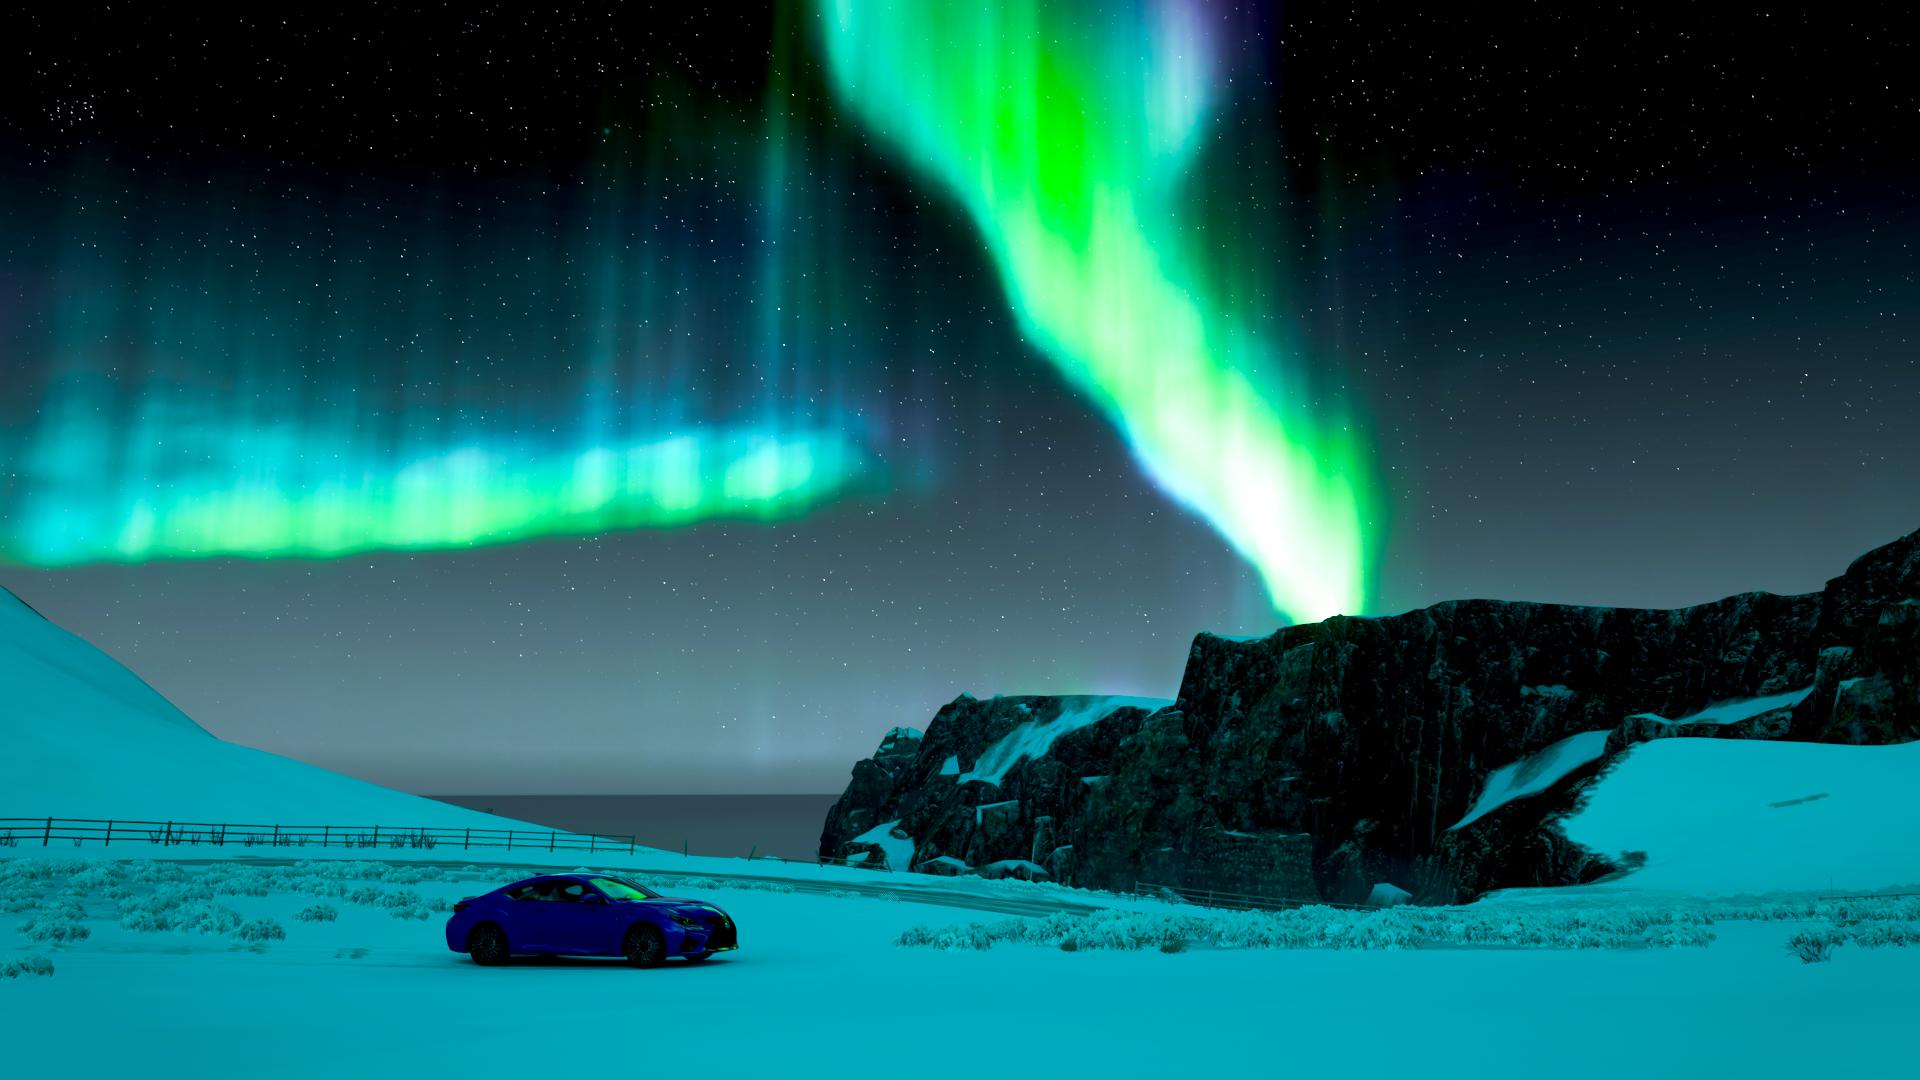 Forza Horizon 4 Aurora Car Video Games Blue Cars Vehicle 1920x1080